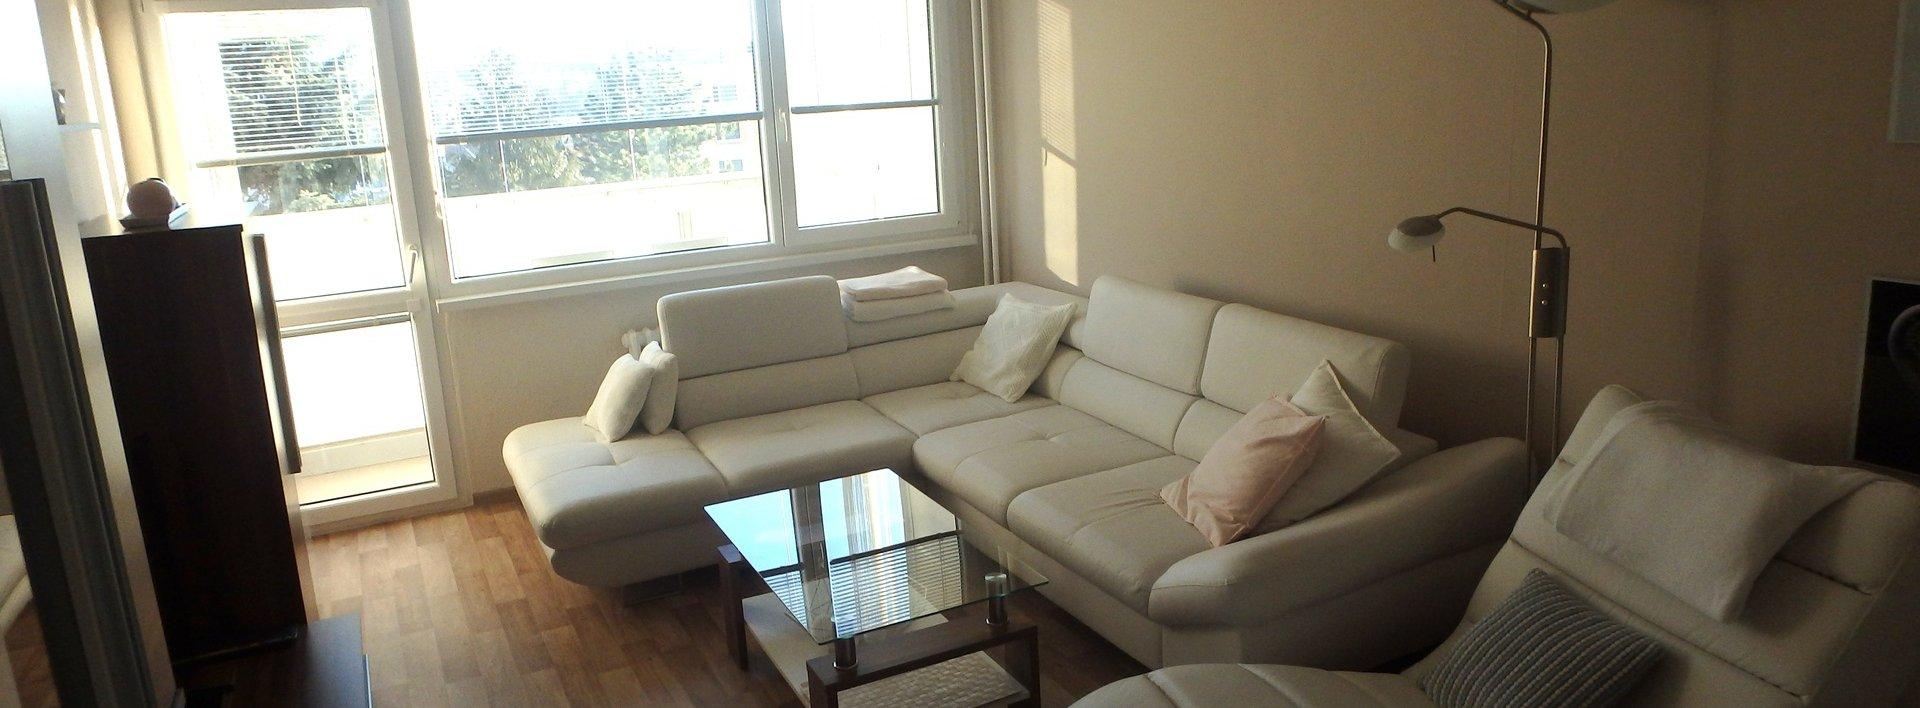 Prodej bytu 3+1, 83 m² - Liberec - Vratislavice nad Nisou, ul. Vnější, Ev.č.: N48385